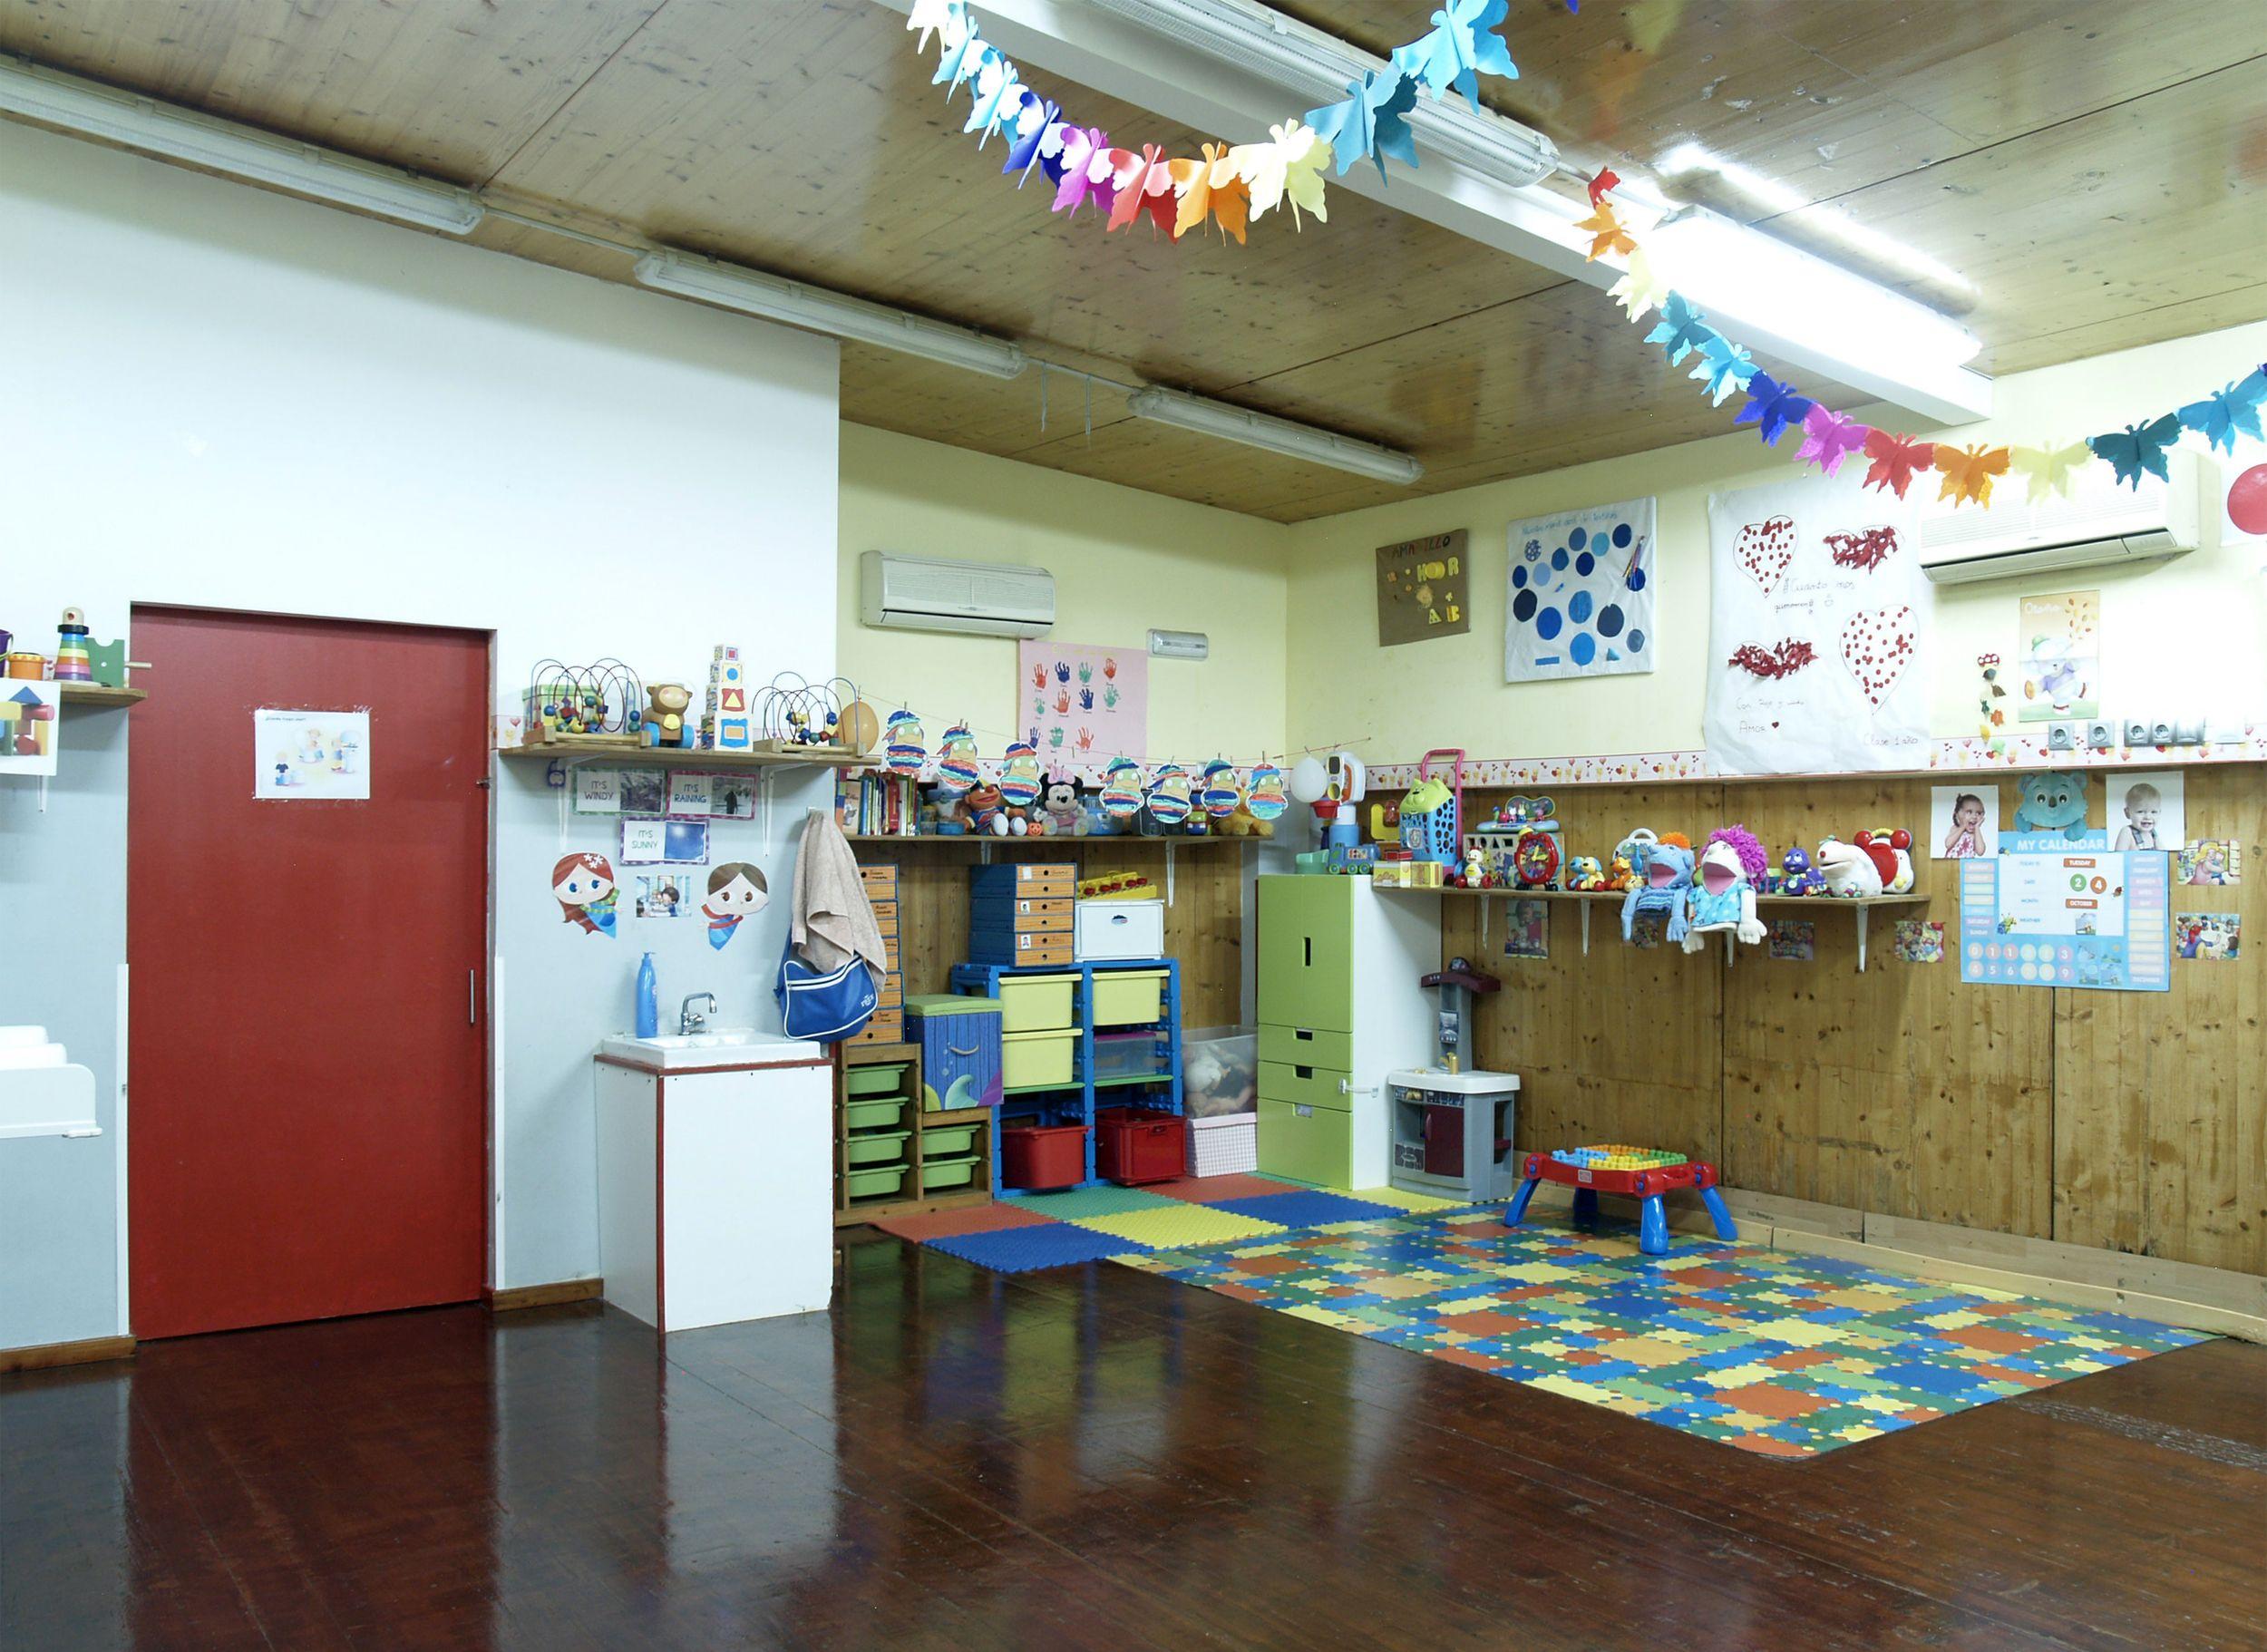 Aprender y divertirse en un ambiente educativo